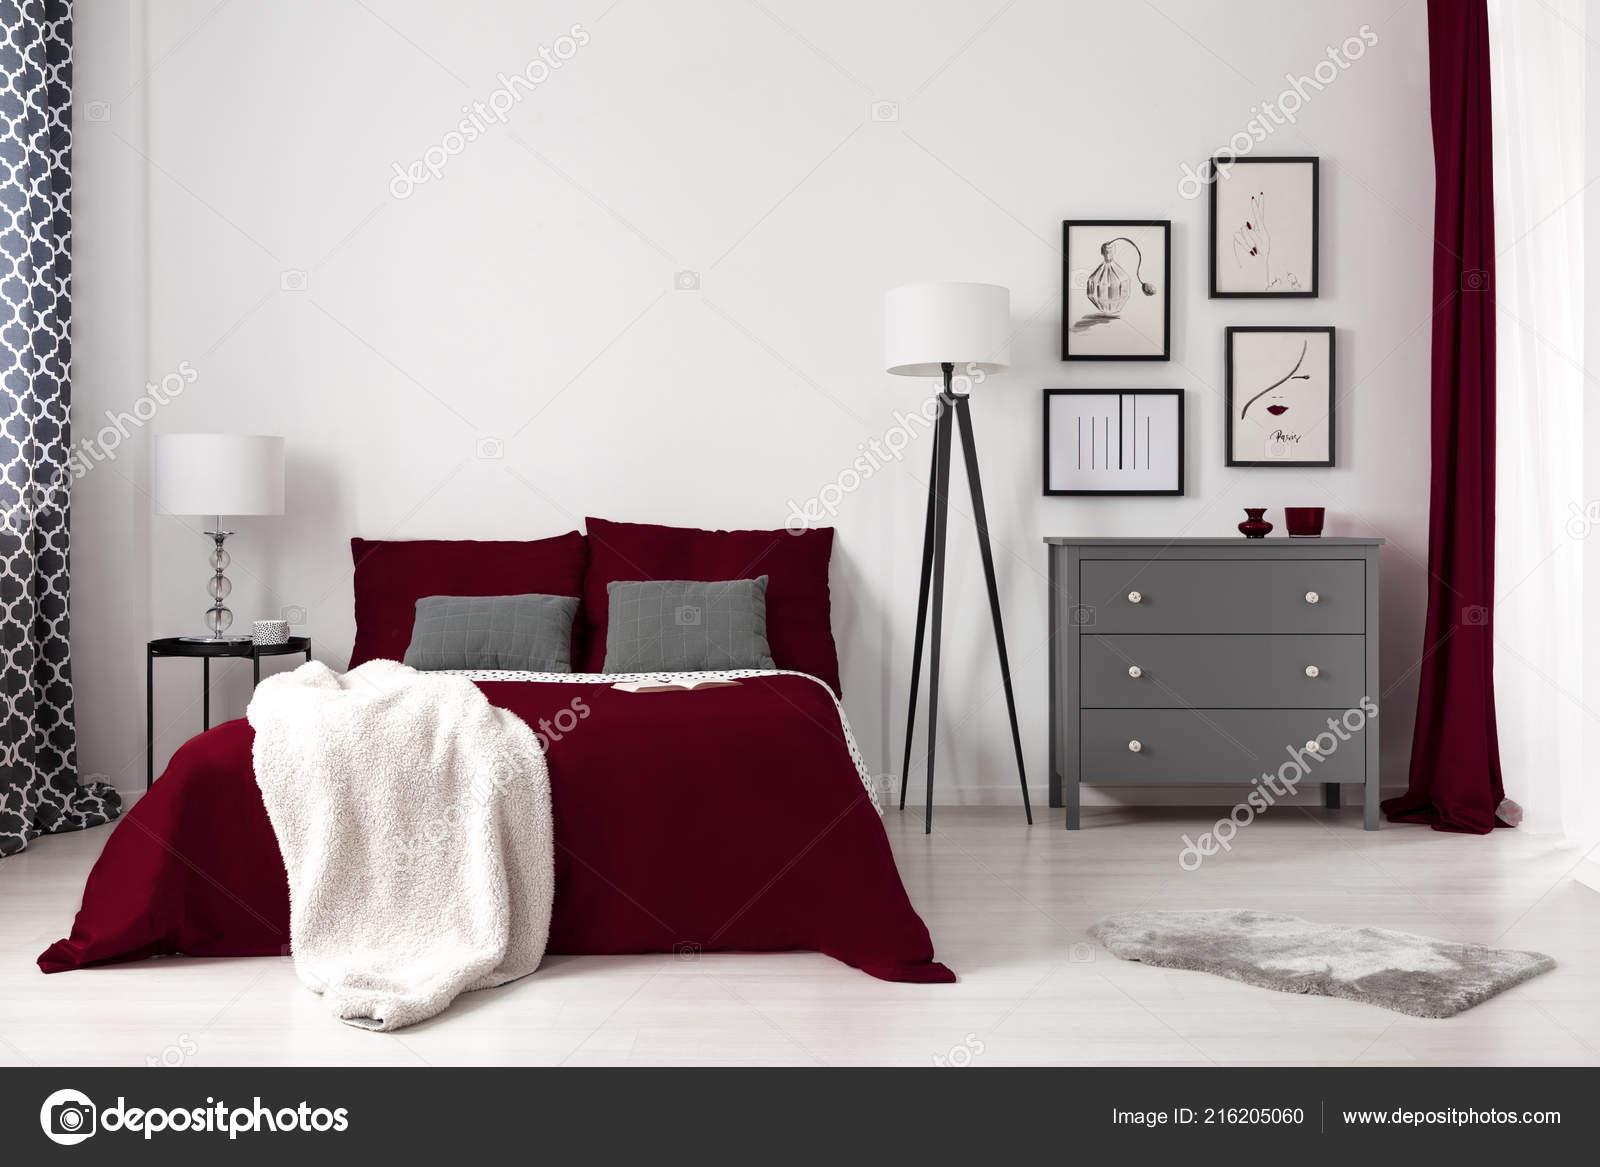 Camera Da Letto Modello Glamour : Fazzini mobili camere da letto incantevole fazzini camere